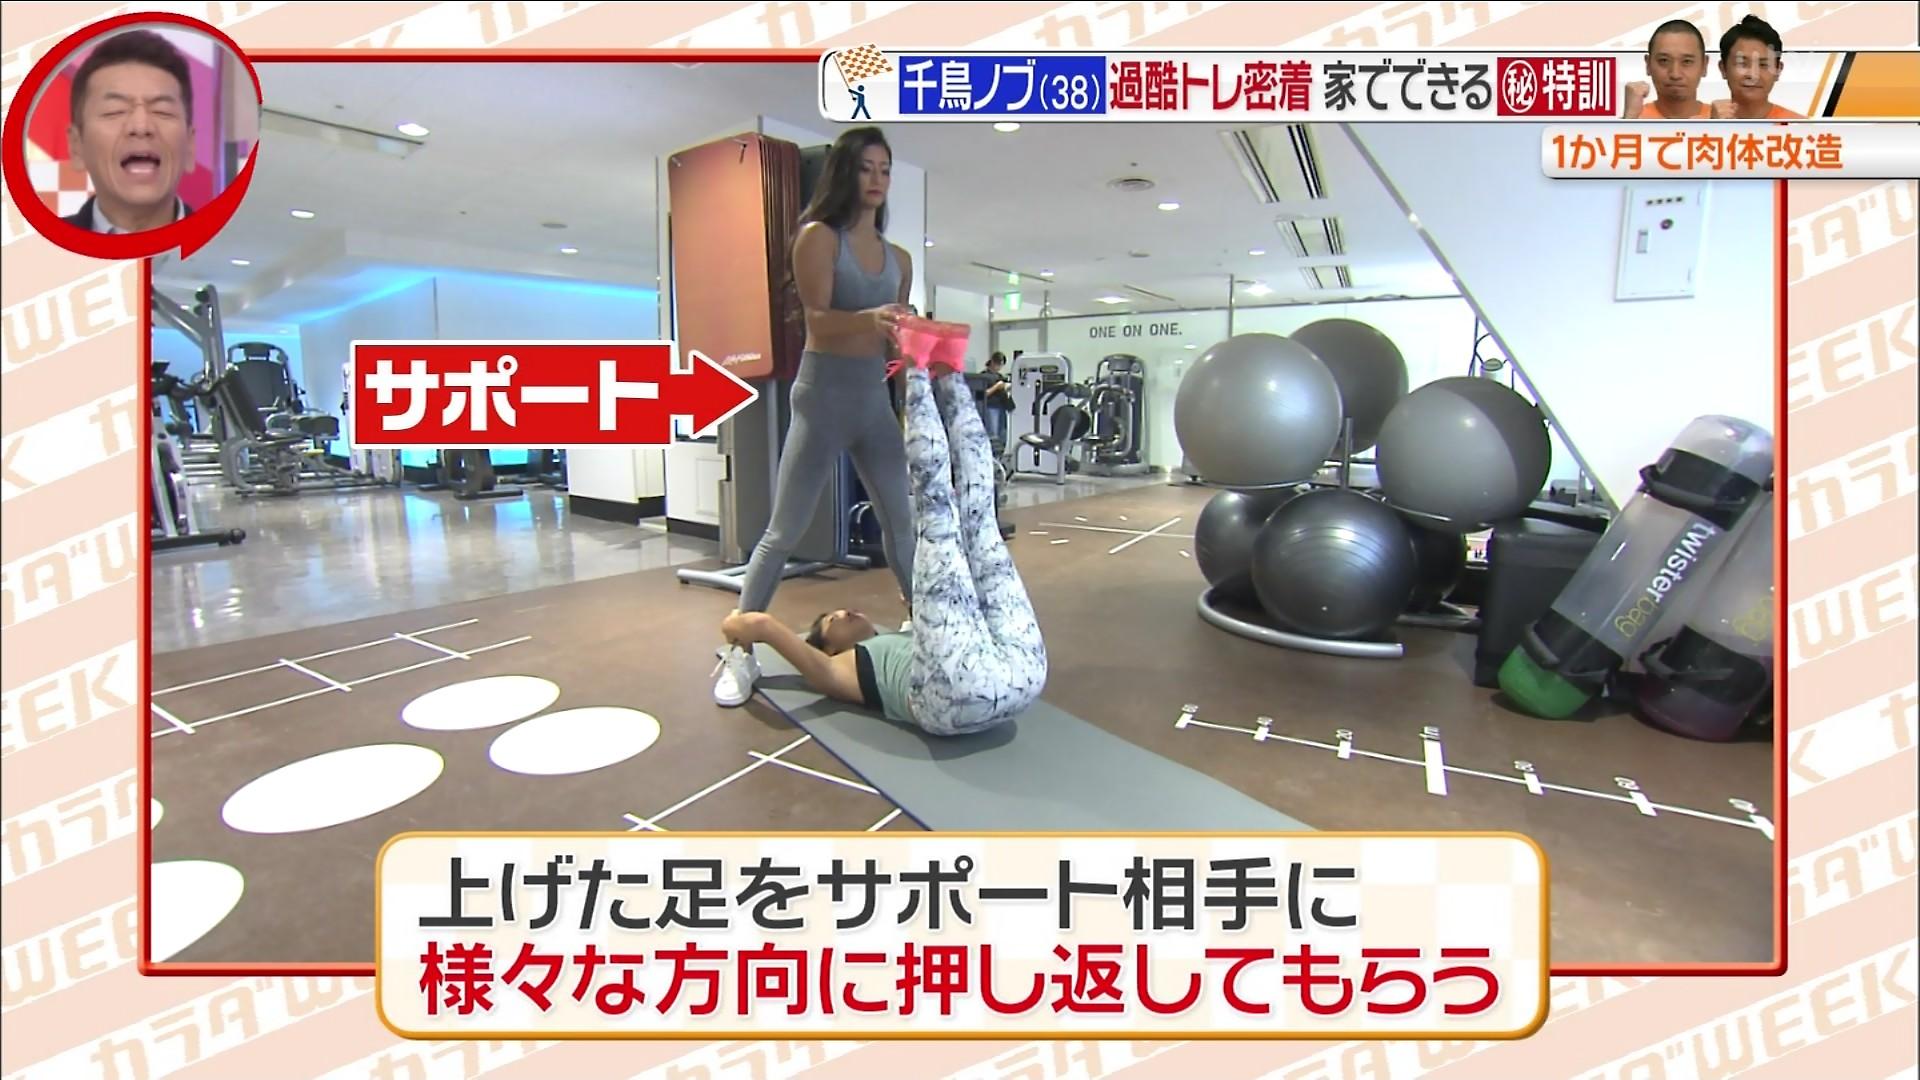 田上舞子_筋肉女子_美人トレーナ_テレビキャプ画像_11